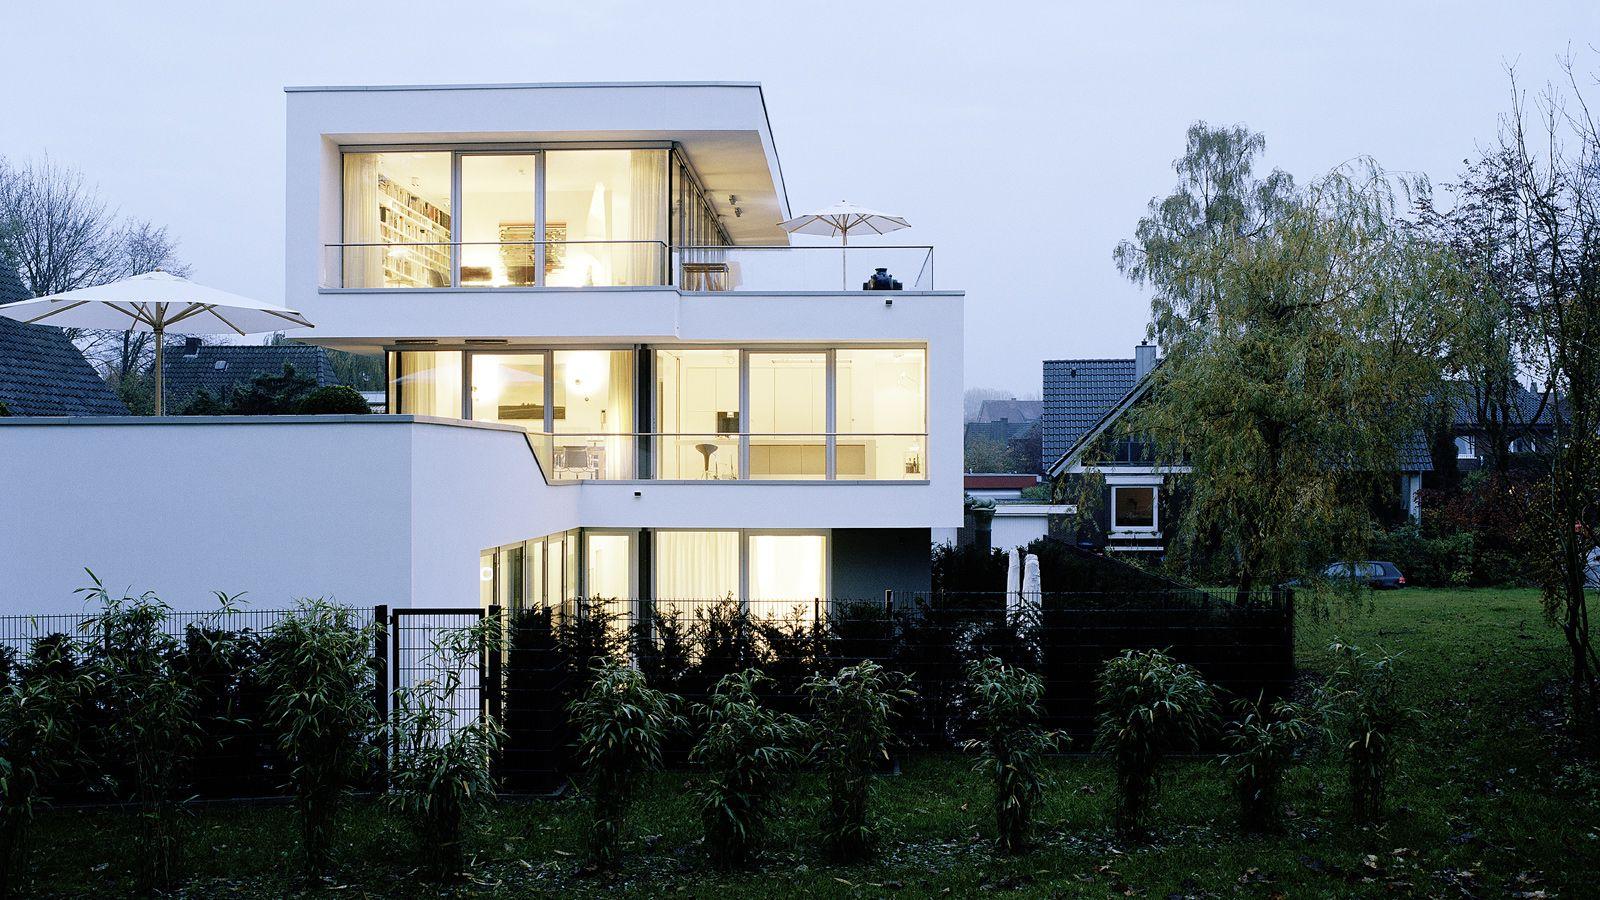 Architekten Lingen deeken architekten projekte haus am wasser lingen architecture